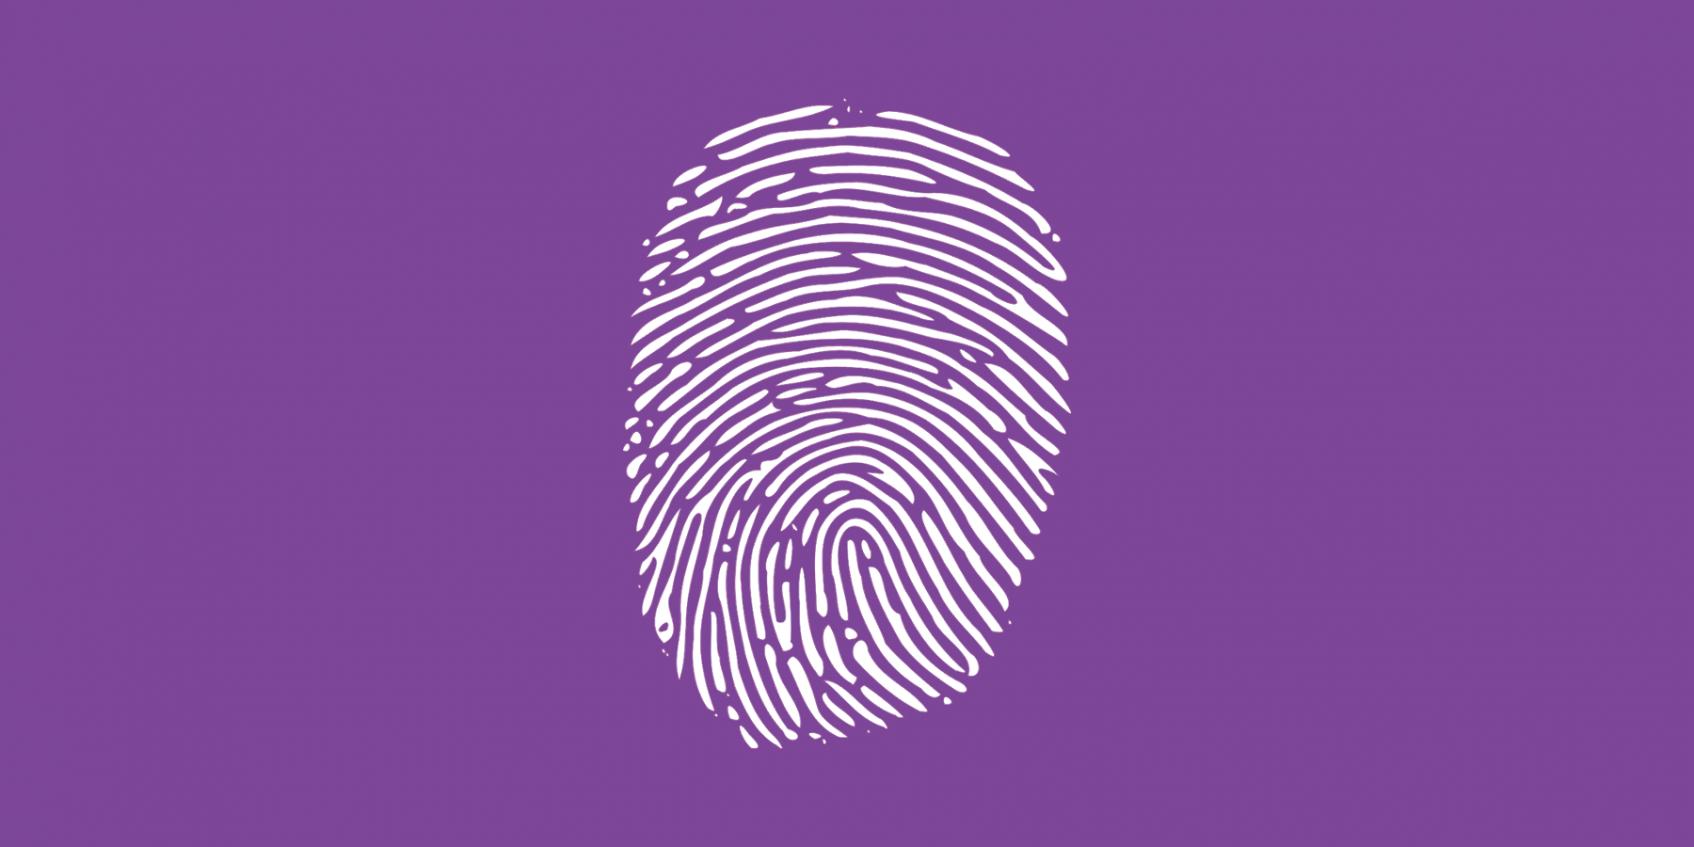 [Перевод] Отпечаток браузера: что это, как работает, нарушает ли закон и как защититься. Часть 1